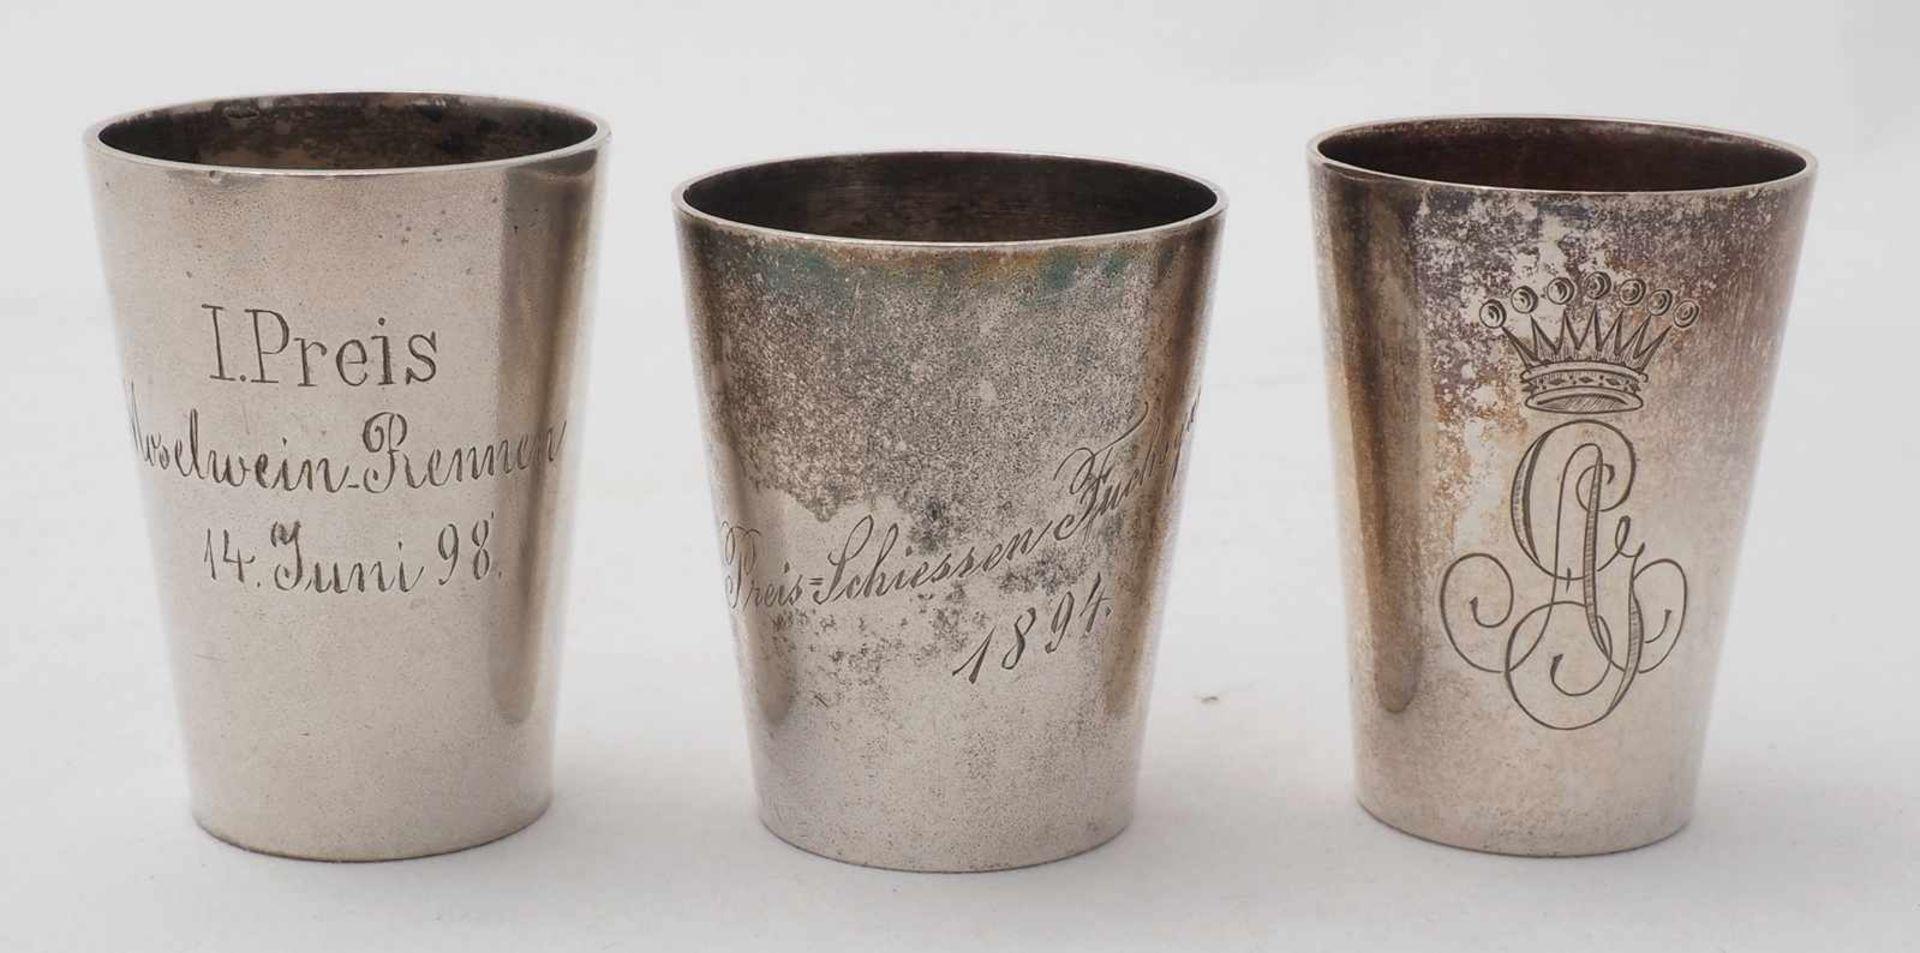 Schnaps Set auf TablettDeutsch, 19. Jh. Silber 800. Elf diverse Schnapsbecher, davon neun mit - Bild 4 aus 5